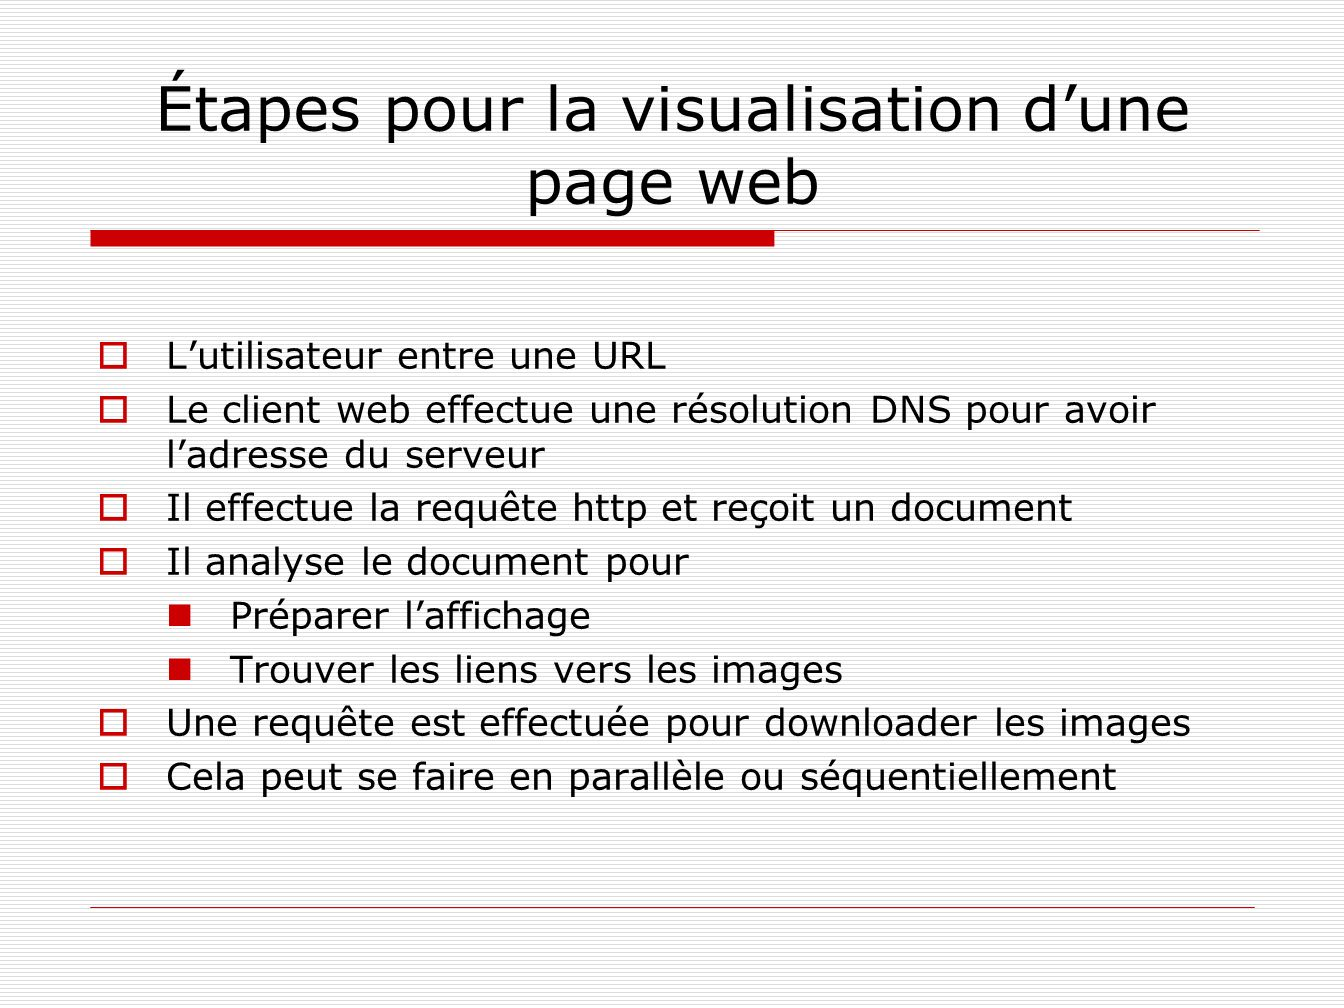 Étapes pour la visualisation d'une page web